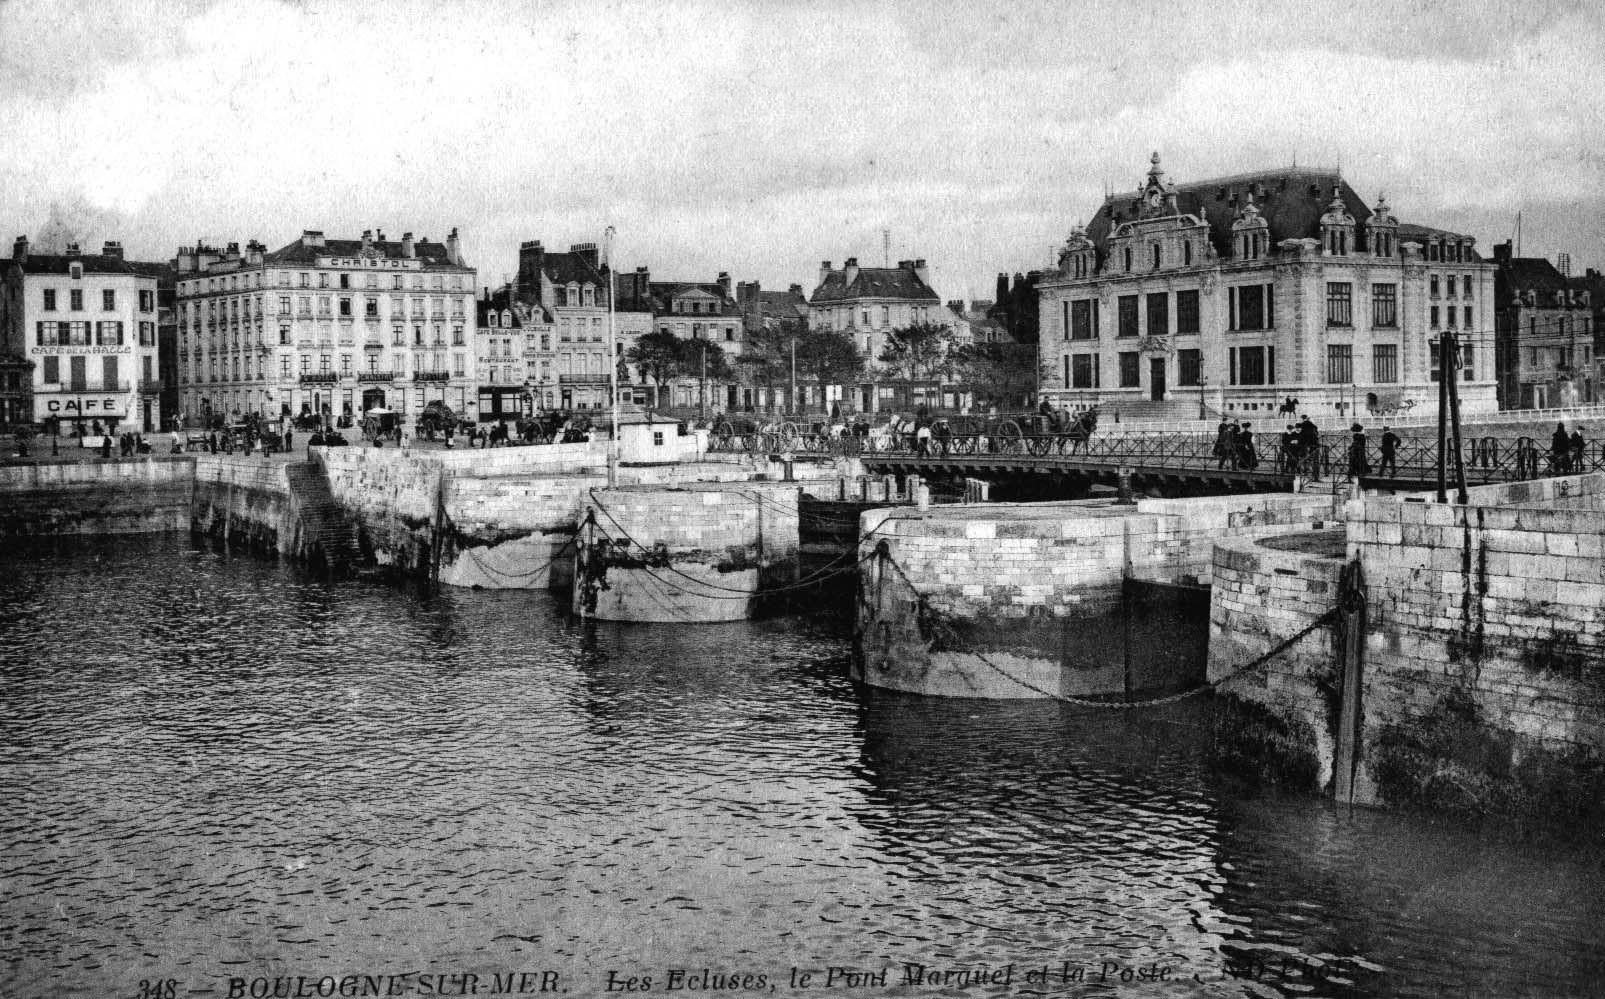 Boulogne sur mer - les écluses du pont Marguet